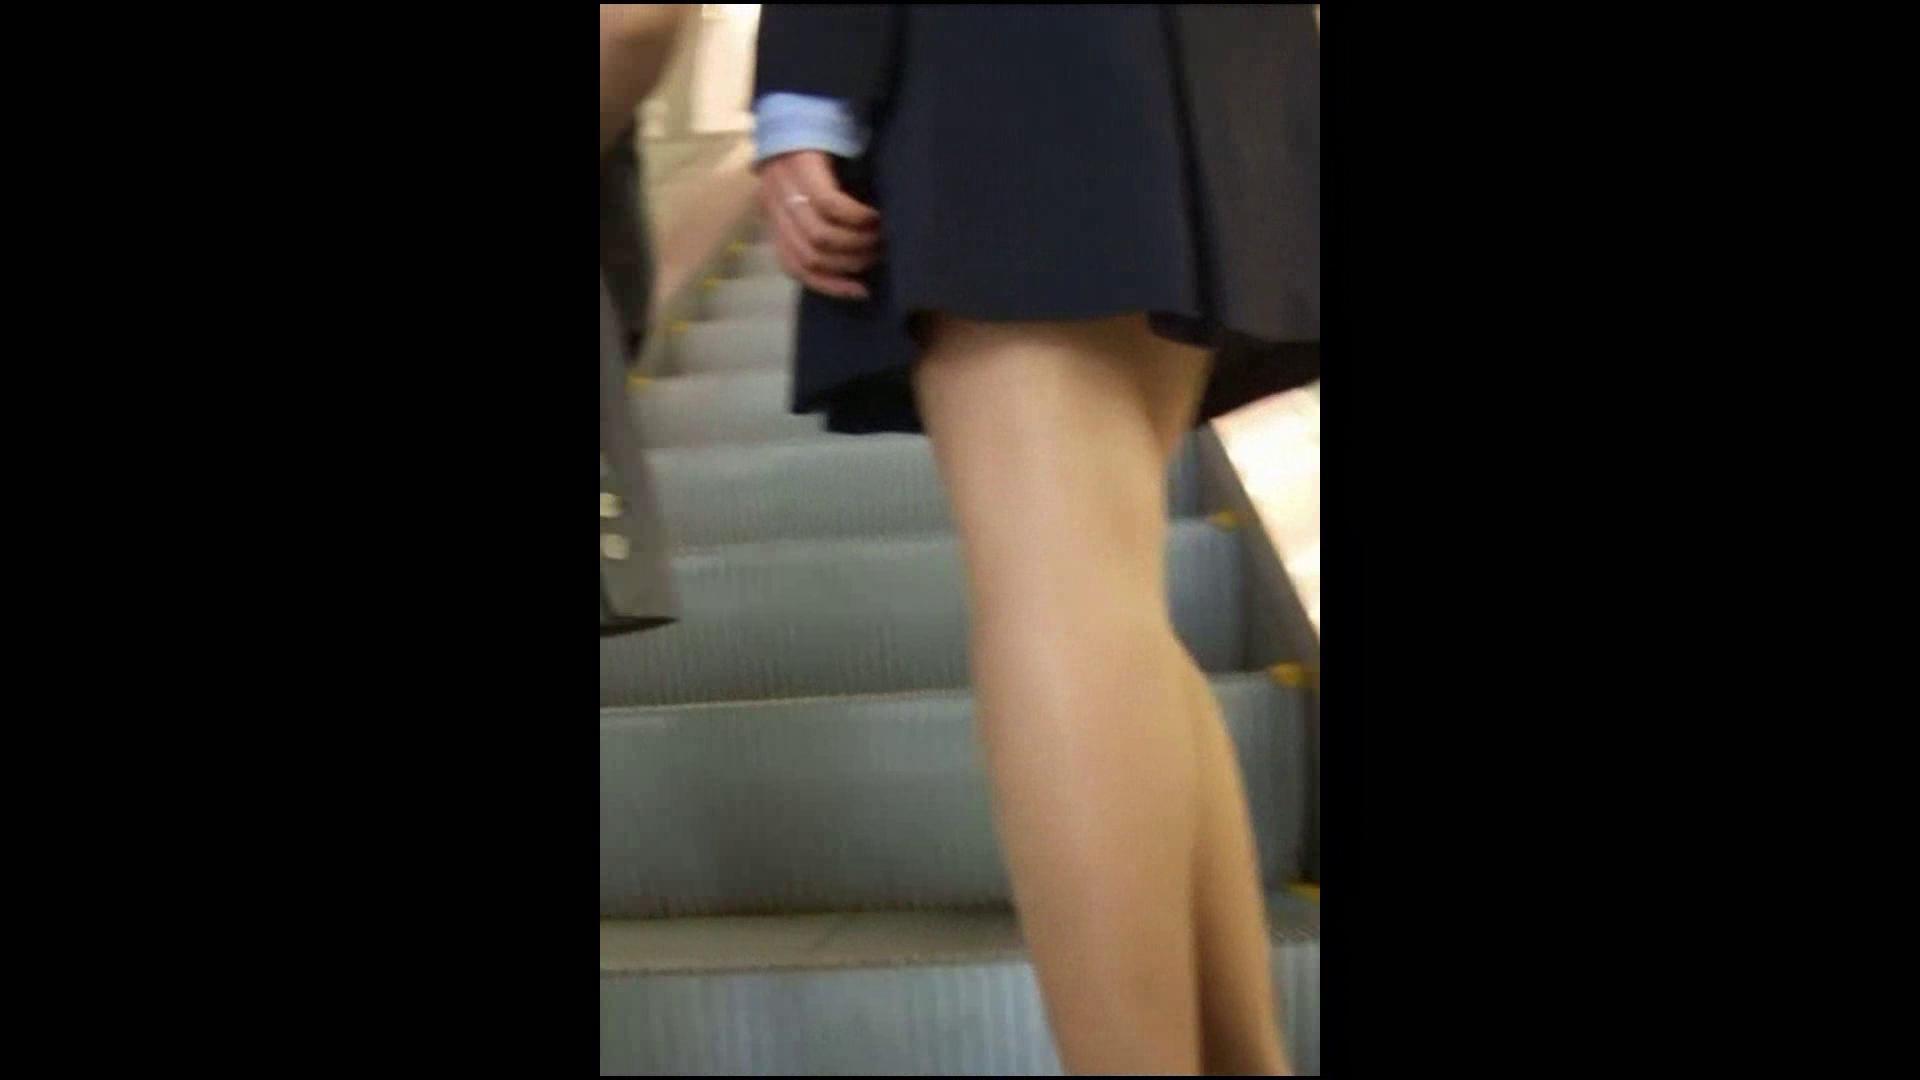 綺麗なモデルさんのスカート捲っちゃおう‼vol05 OLセックス   お姉さんヌード  59画像 49